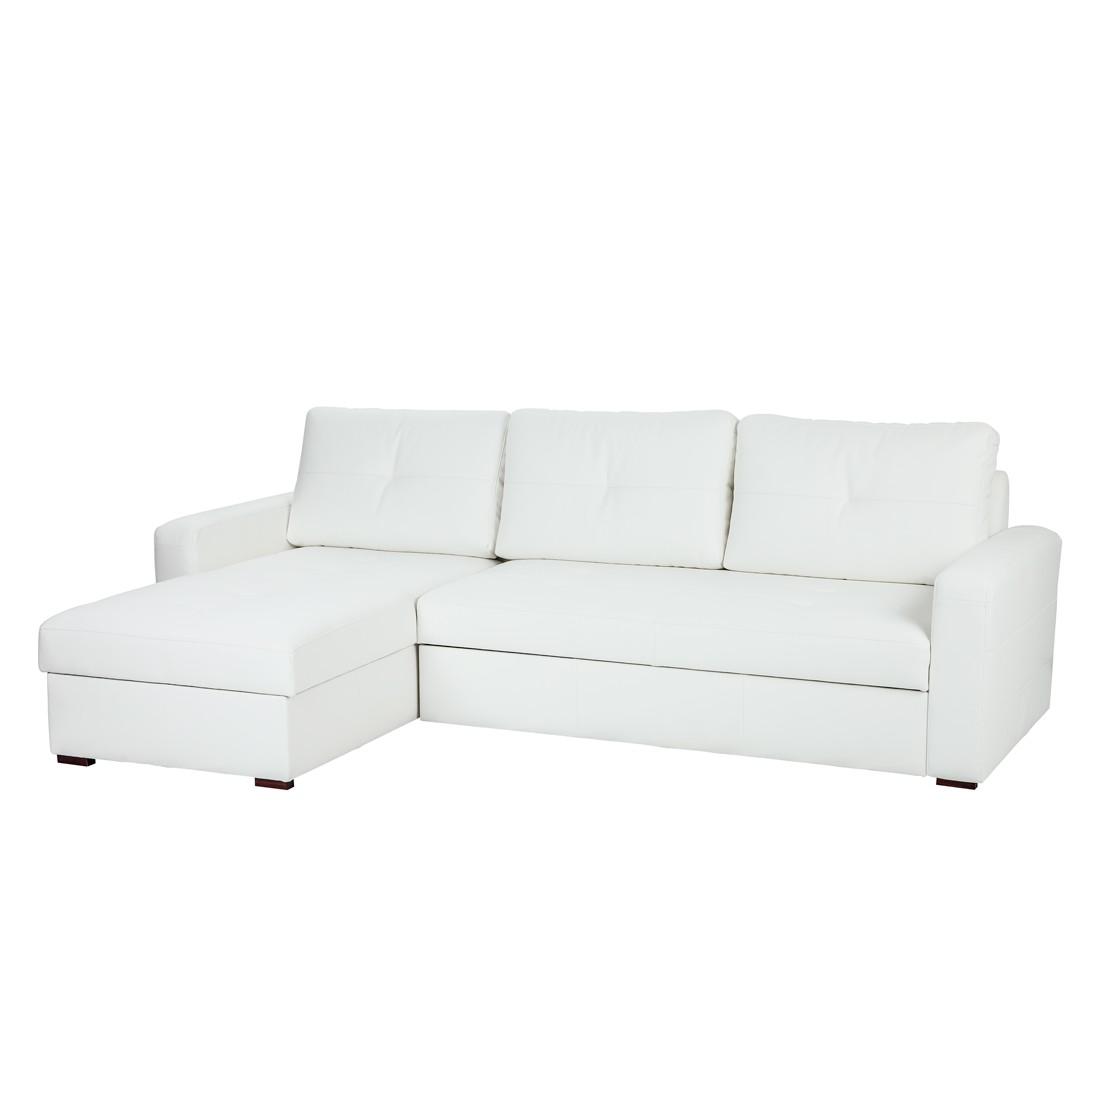 Canapé d'angle Cavolo (avec fonction couchage) - Imitation cuir blanc - Méridienne montable à gauche ou à droite, Fredriks